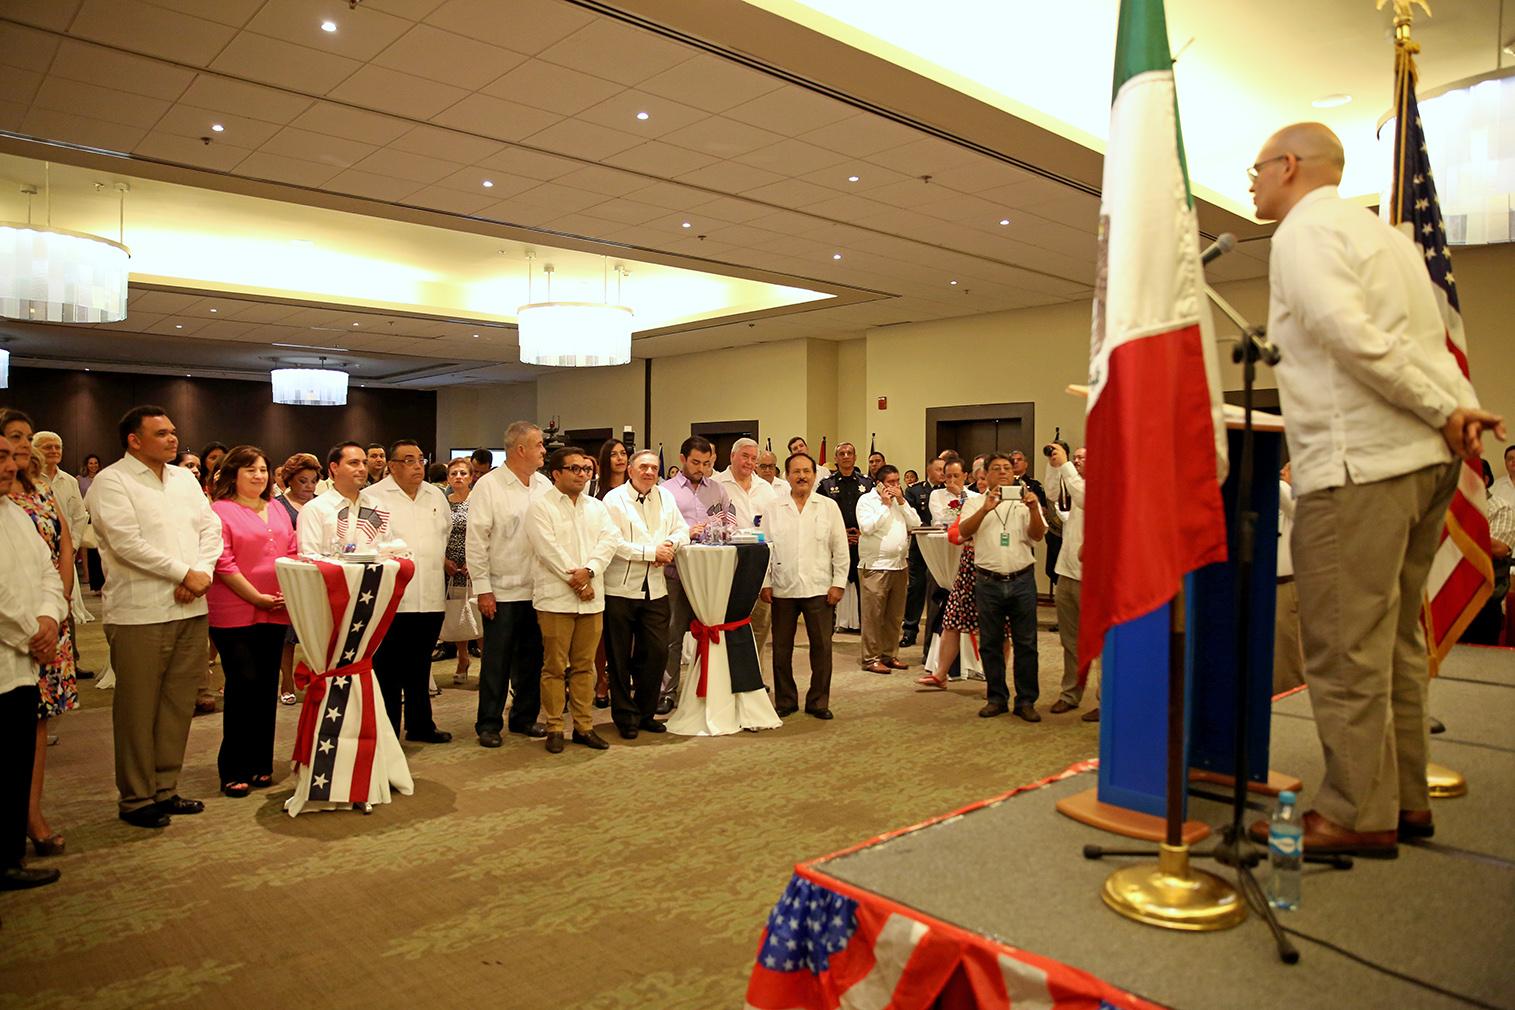 Celebran en Mérida aniversario de independencia de EU